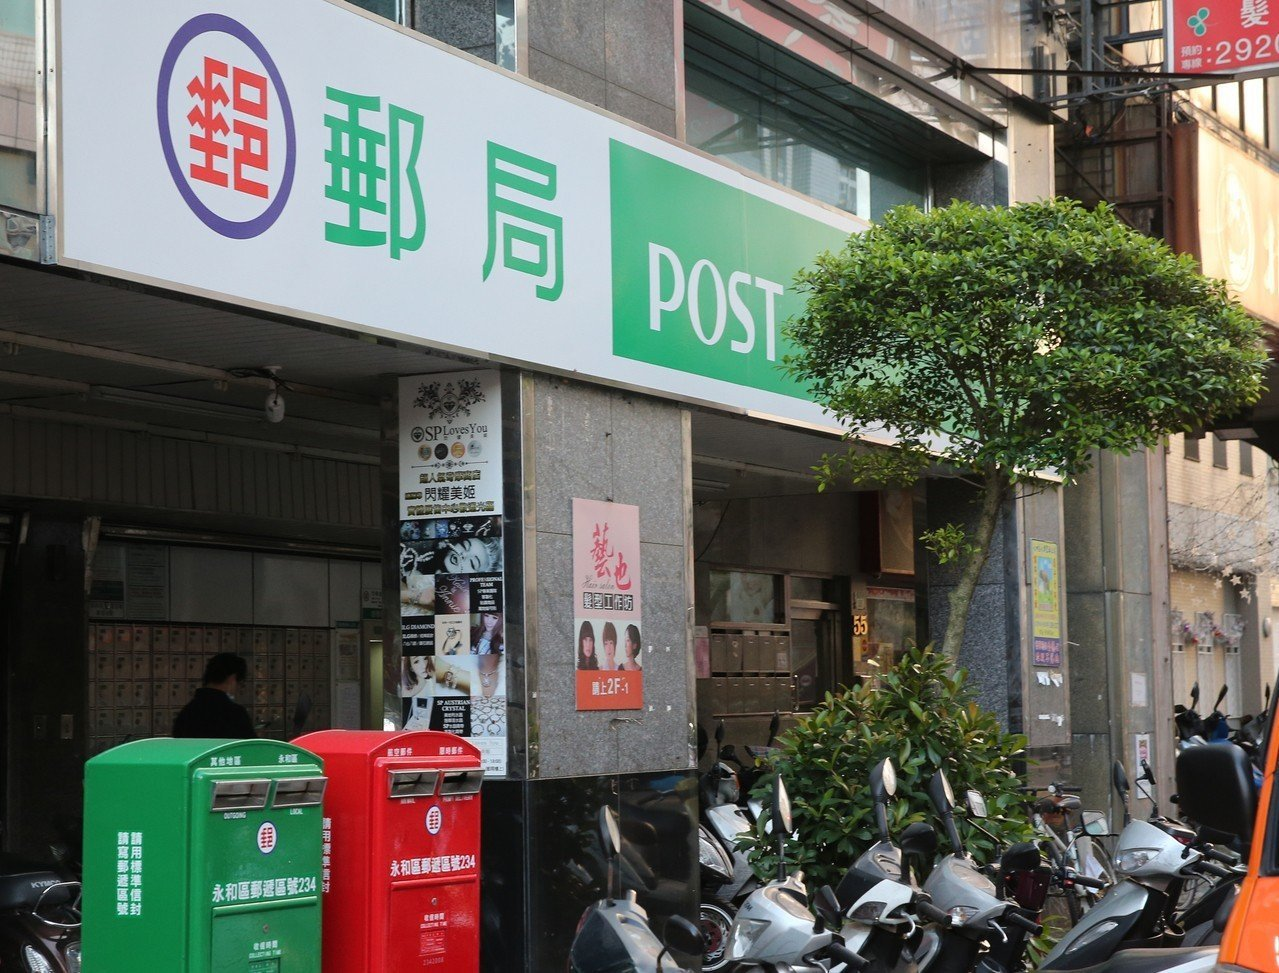 中華郵政明年公開甄選職階人員正取1750名,明年1月16日起採網路報名。圖/聯合...